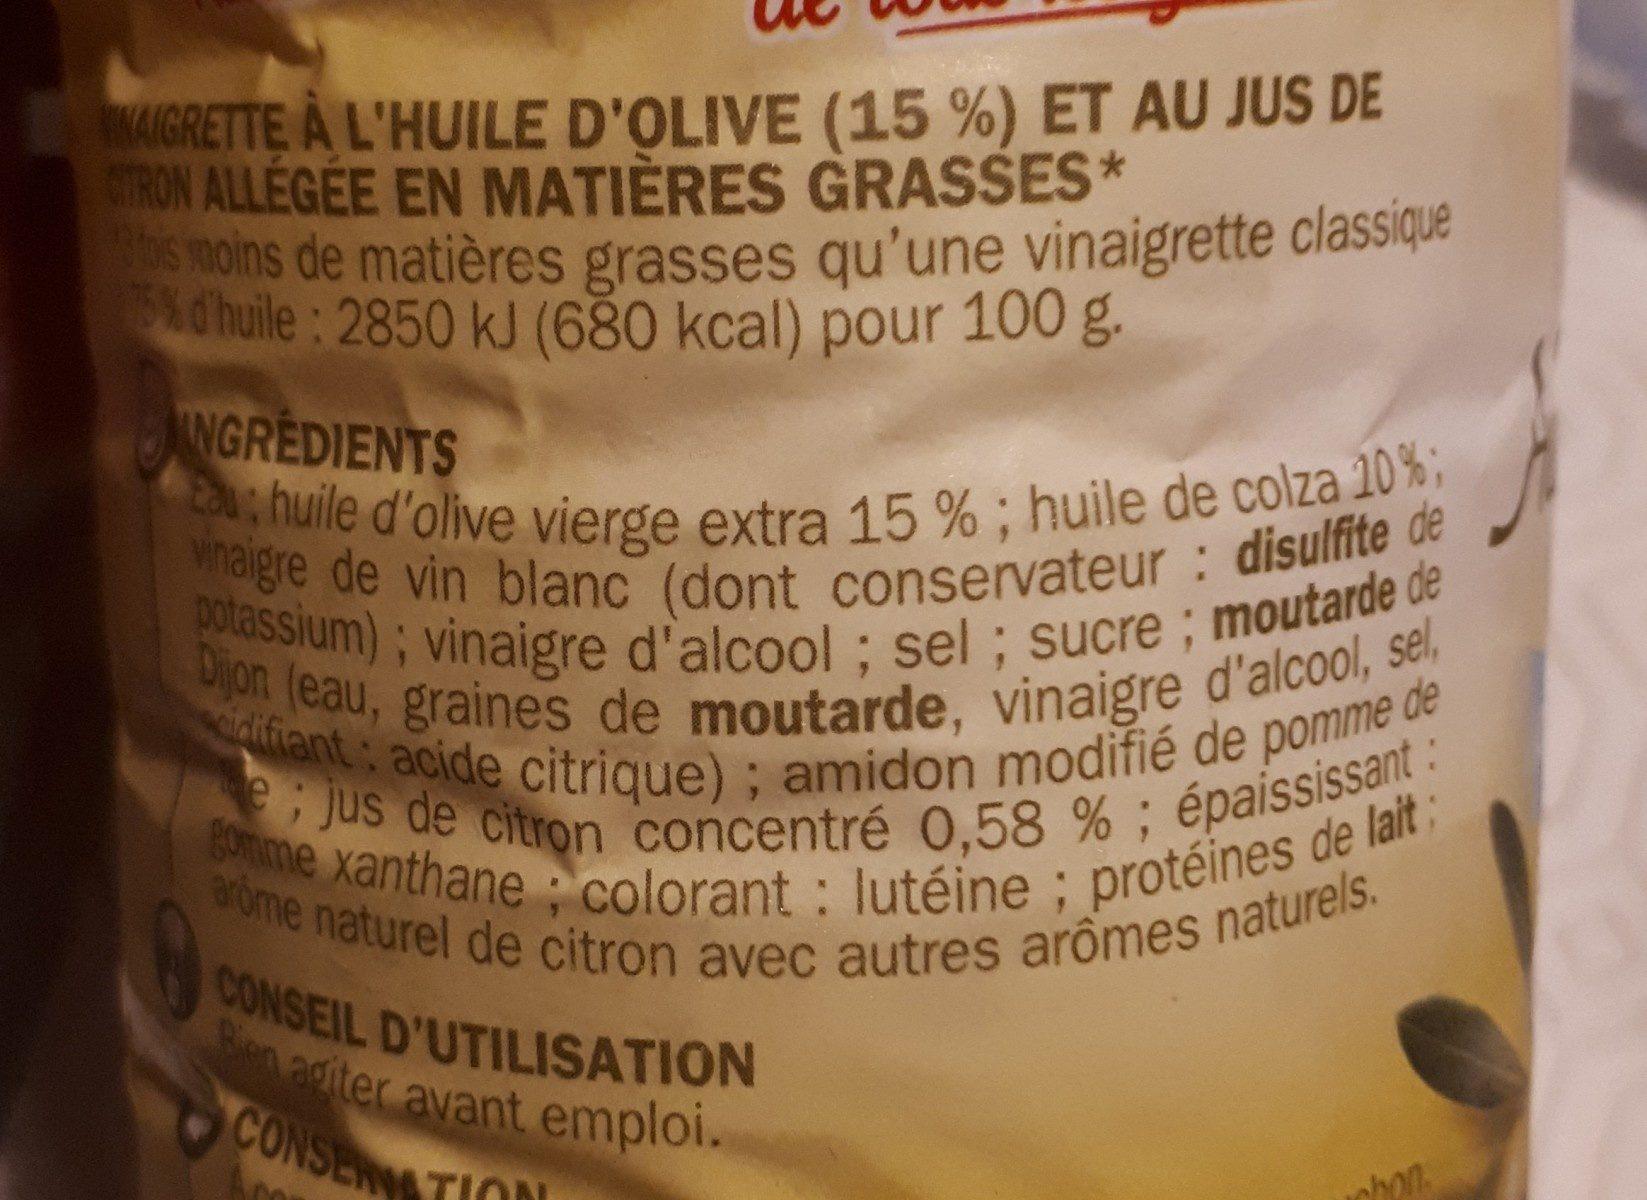 Vinaigrette olive citron - Ingrédients